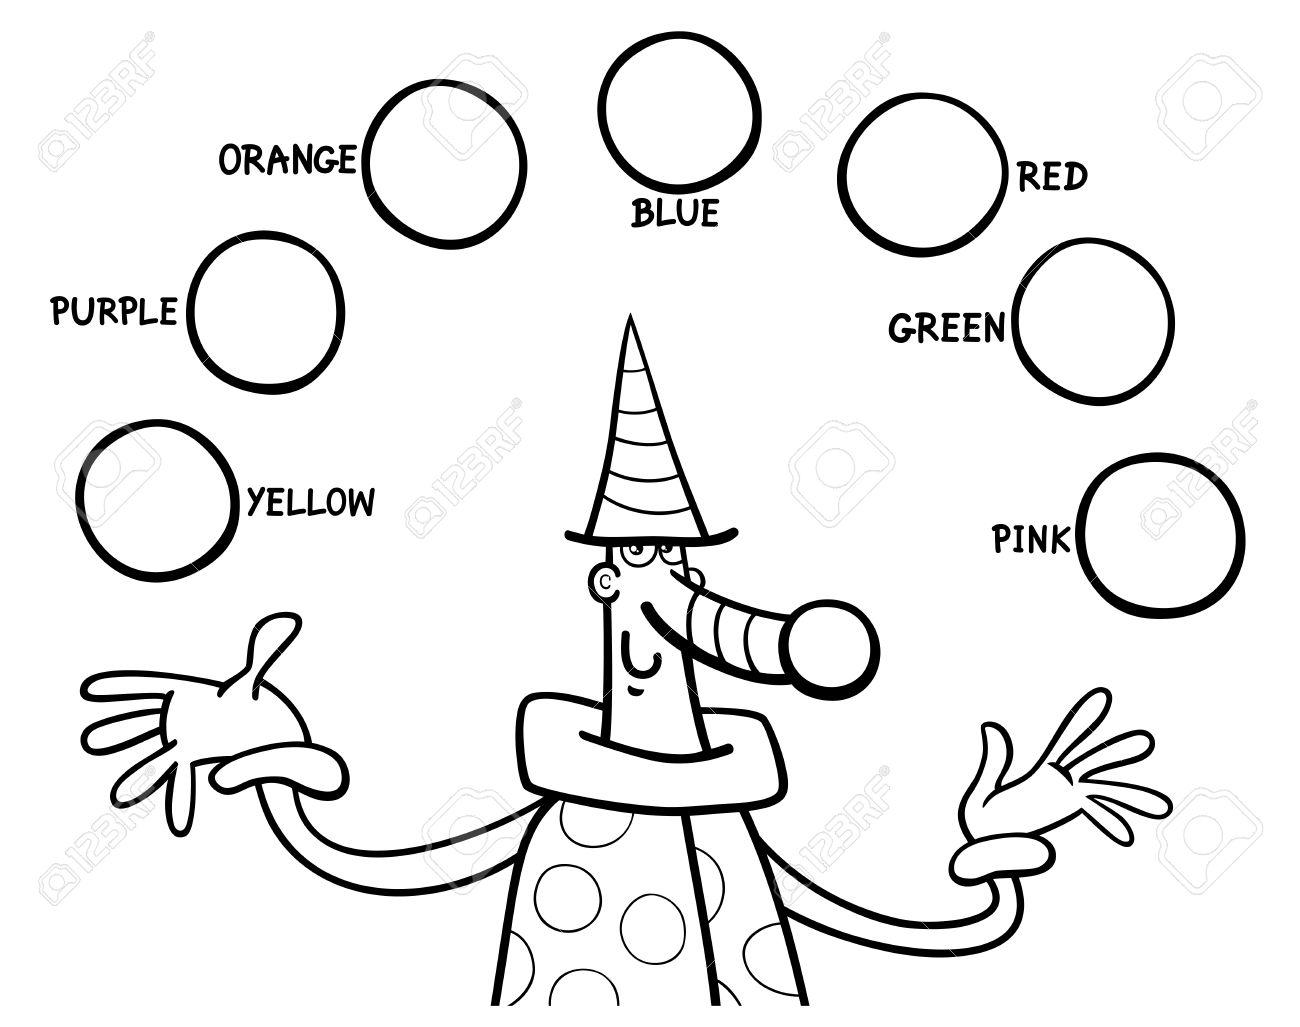 Dibujos Animados De Blanco Y Negro Ilustración De Los Colores ...